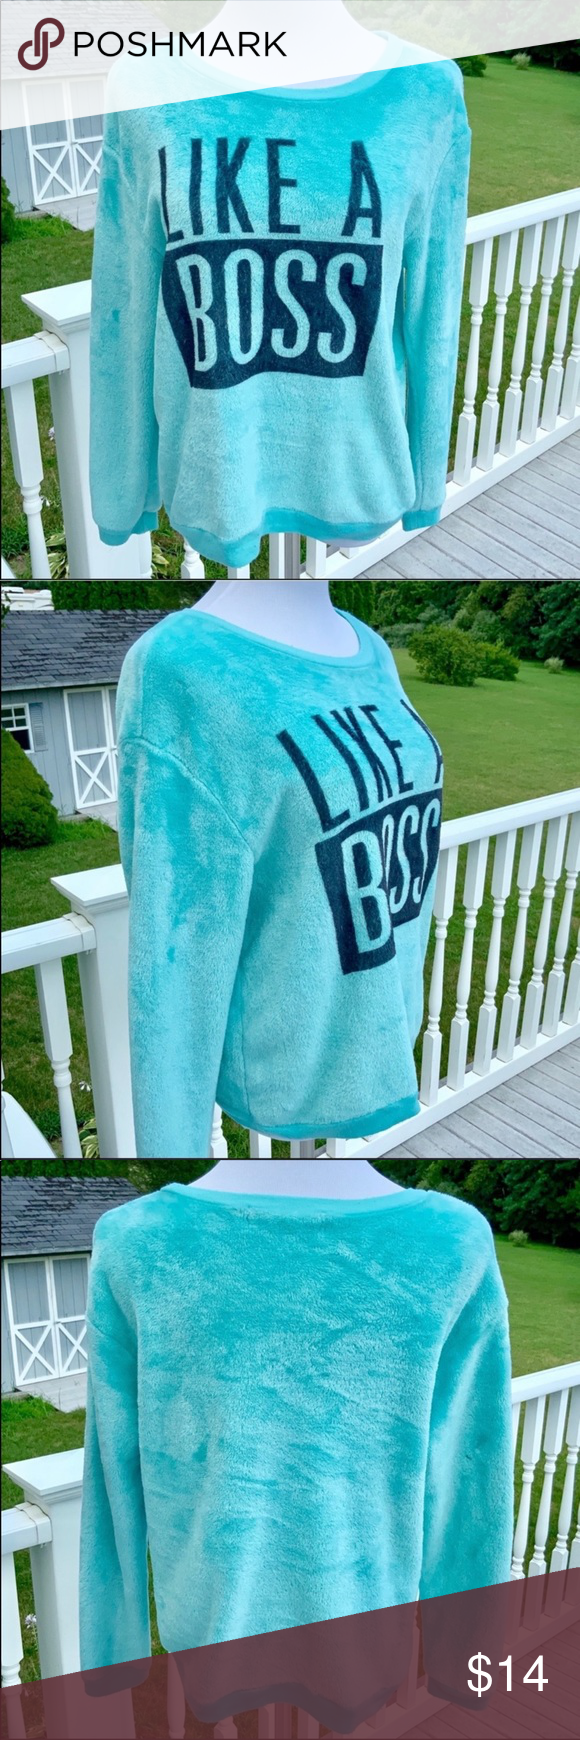 Like A Boss Sweatshirt A Warm Turquoise Sweatshirt With Like A Boss Across The Front With A Scoop Neck And In 2020 Sweatshirts Hoodie Sweatshirts Sweatshirt Tops [ 1740 x 580 Pixel ]